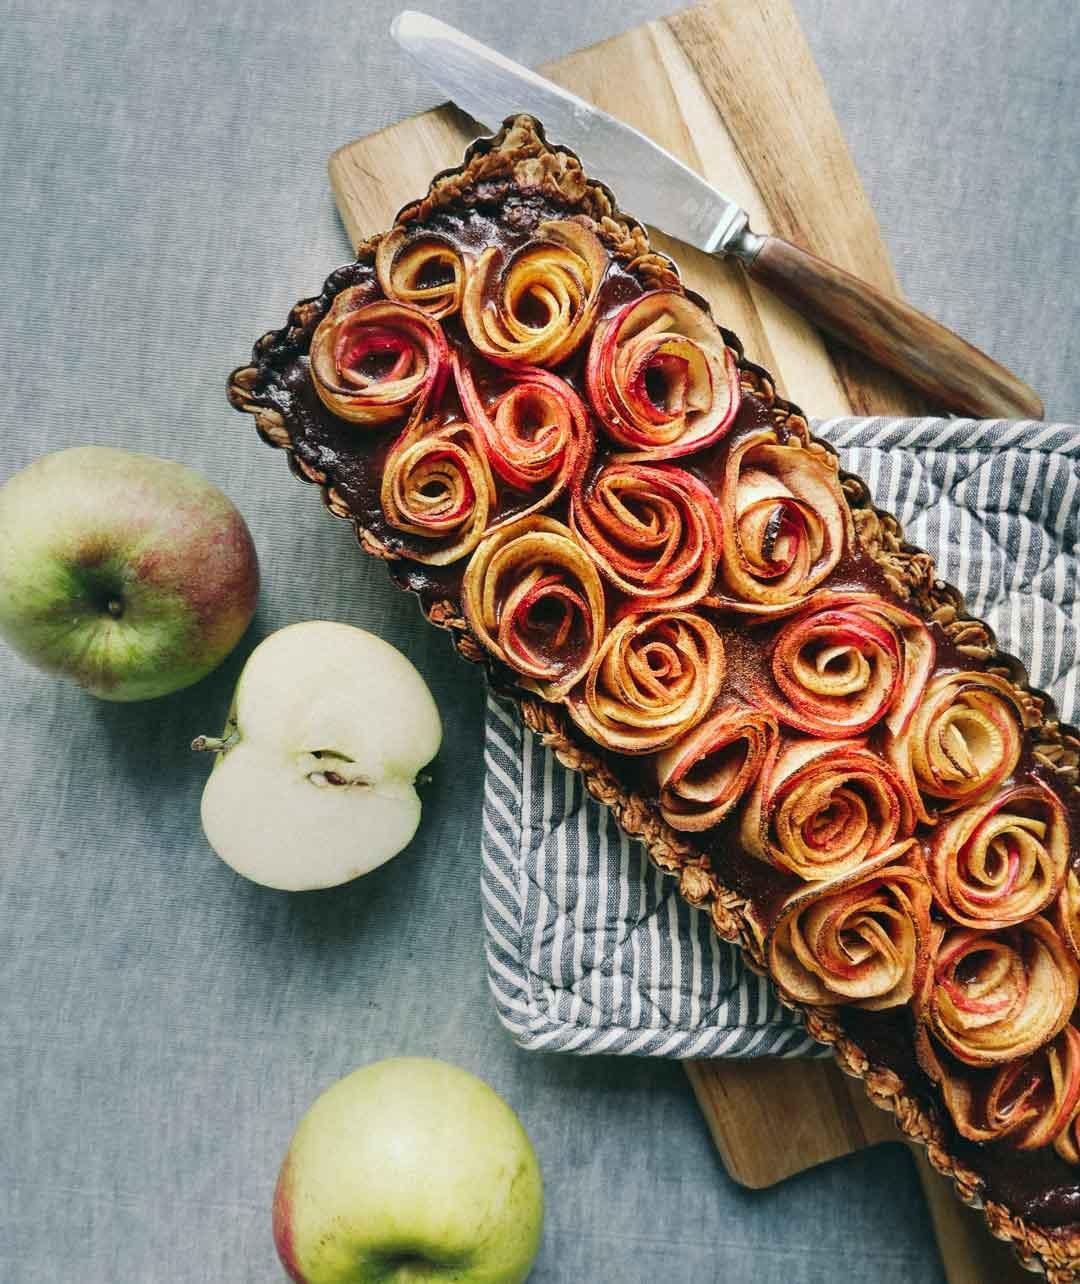 Glutenfri æbletærte med chokolade